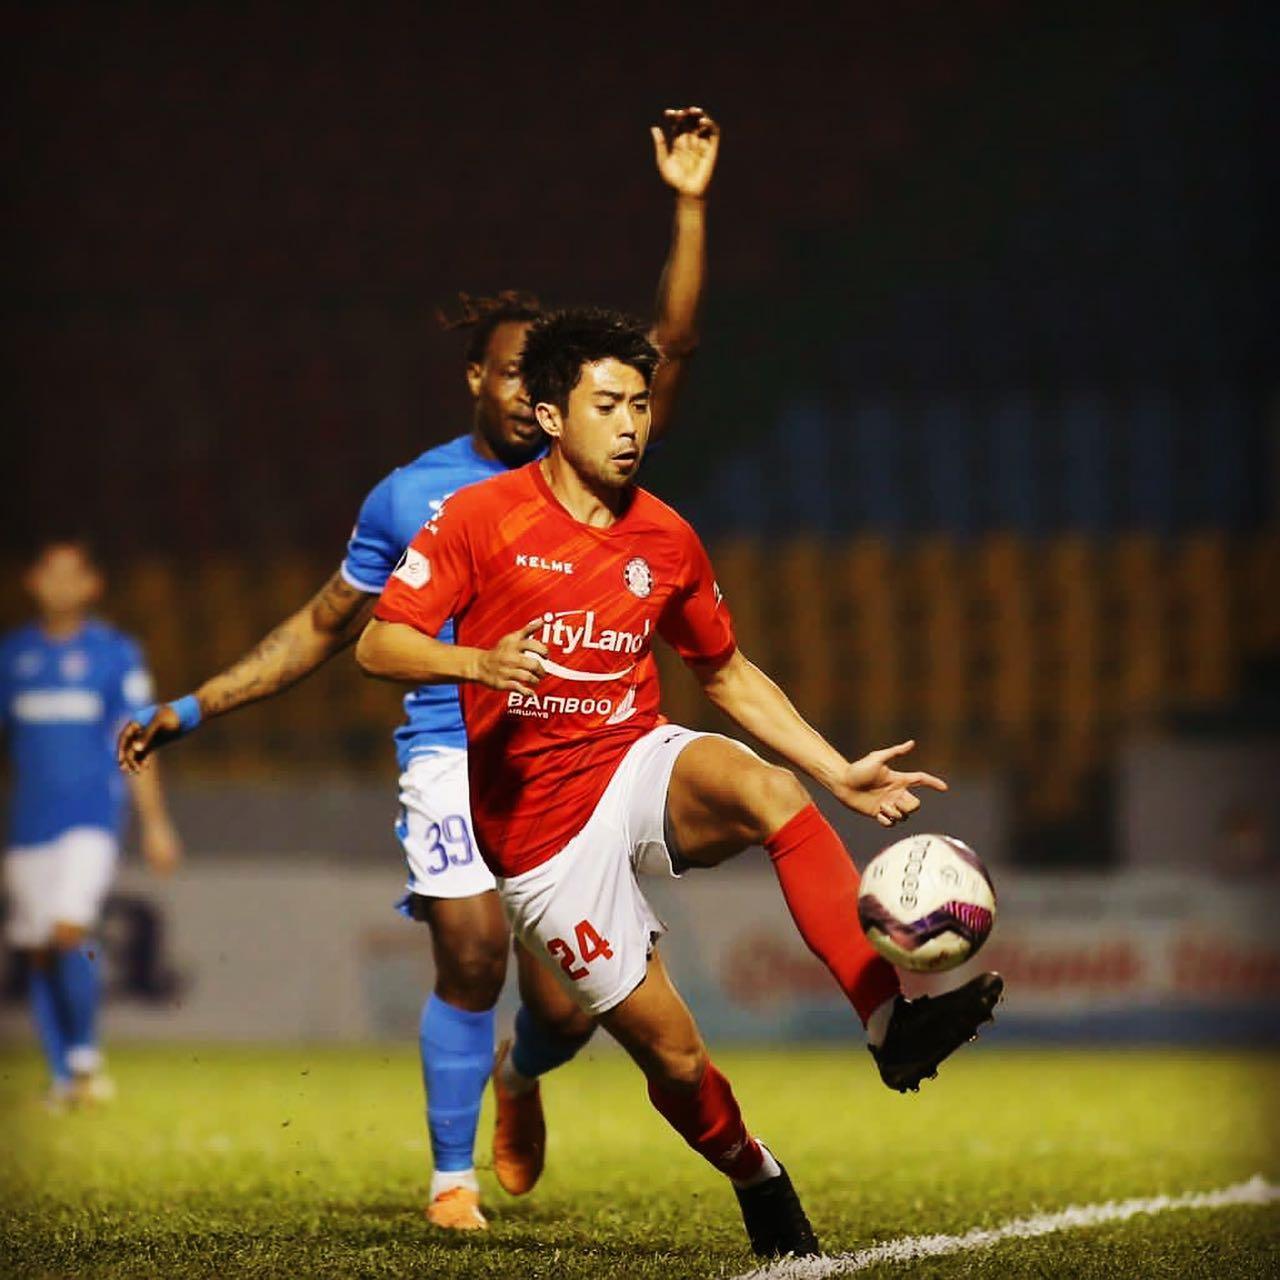 HLV Polking muốn biến Lee Nguyễn thành Bruno Fernandes của CLB TP.HCM